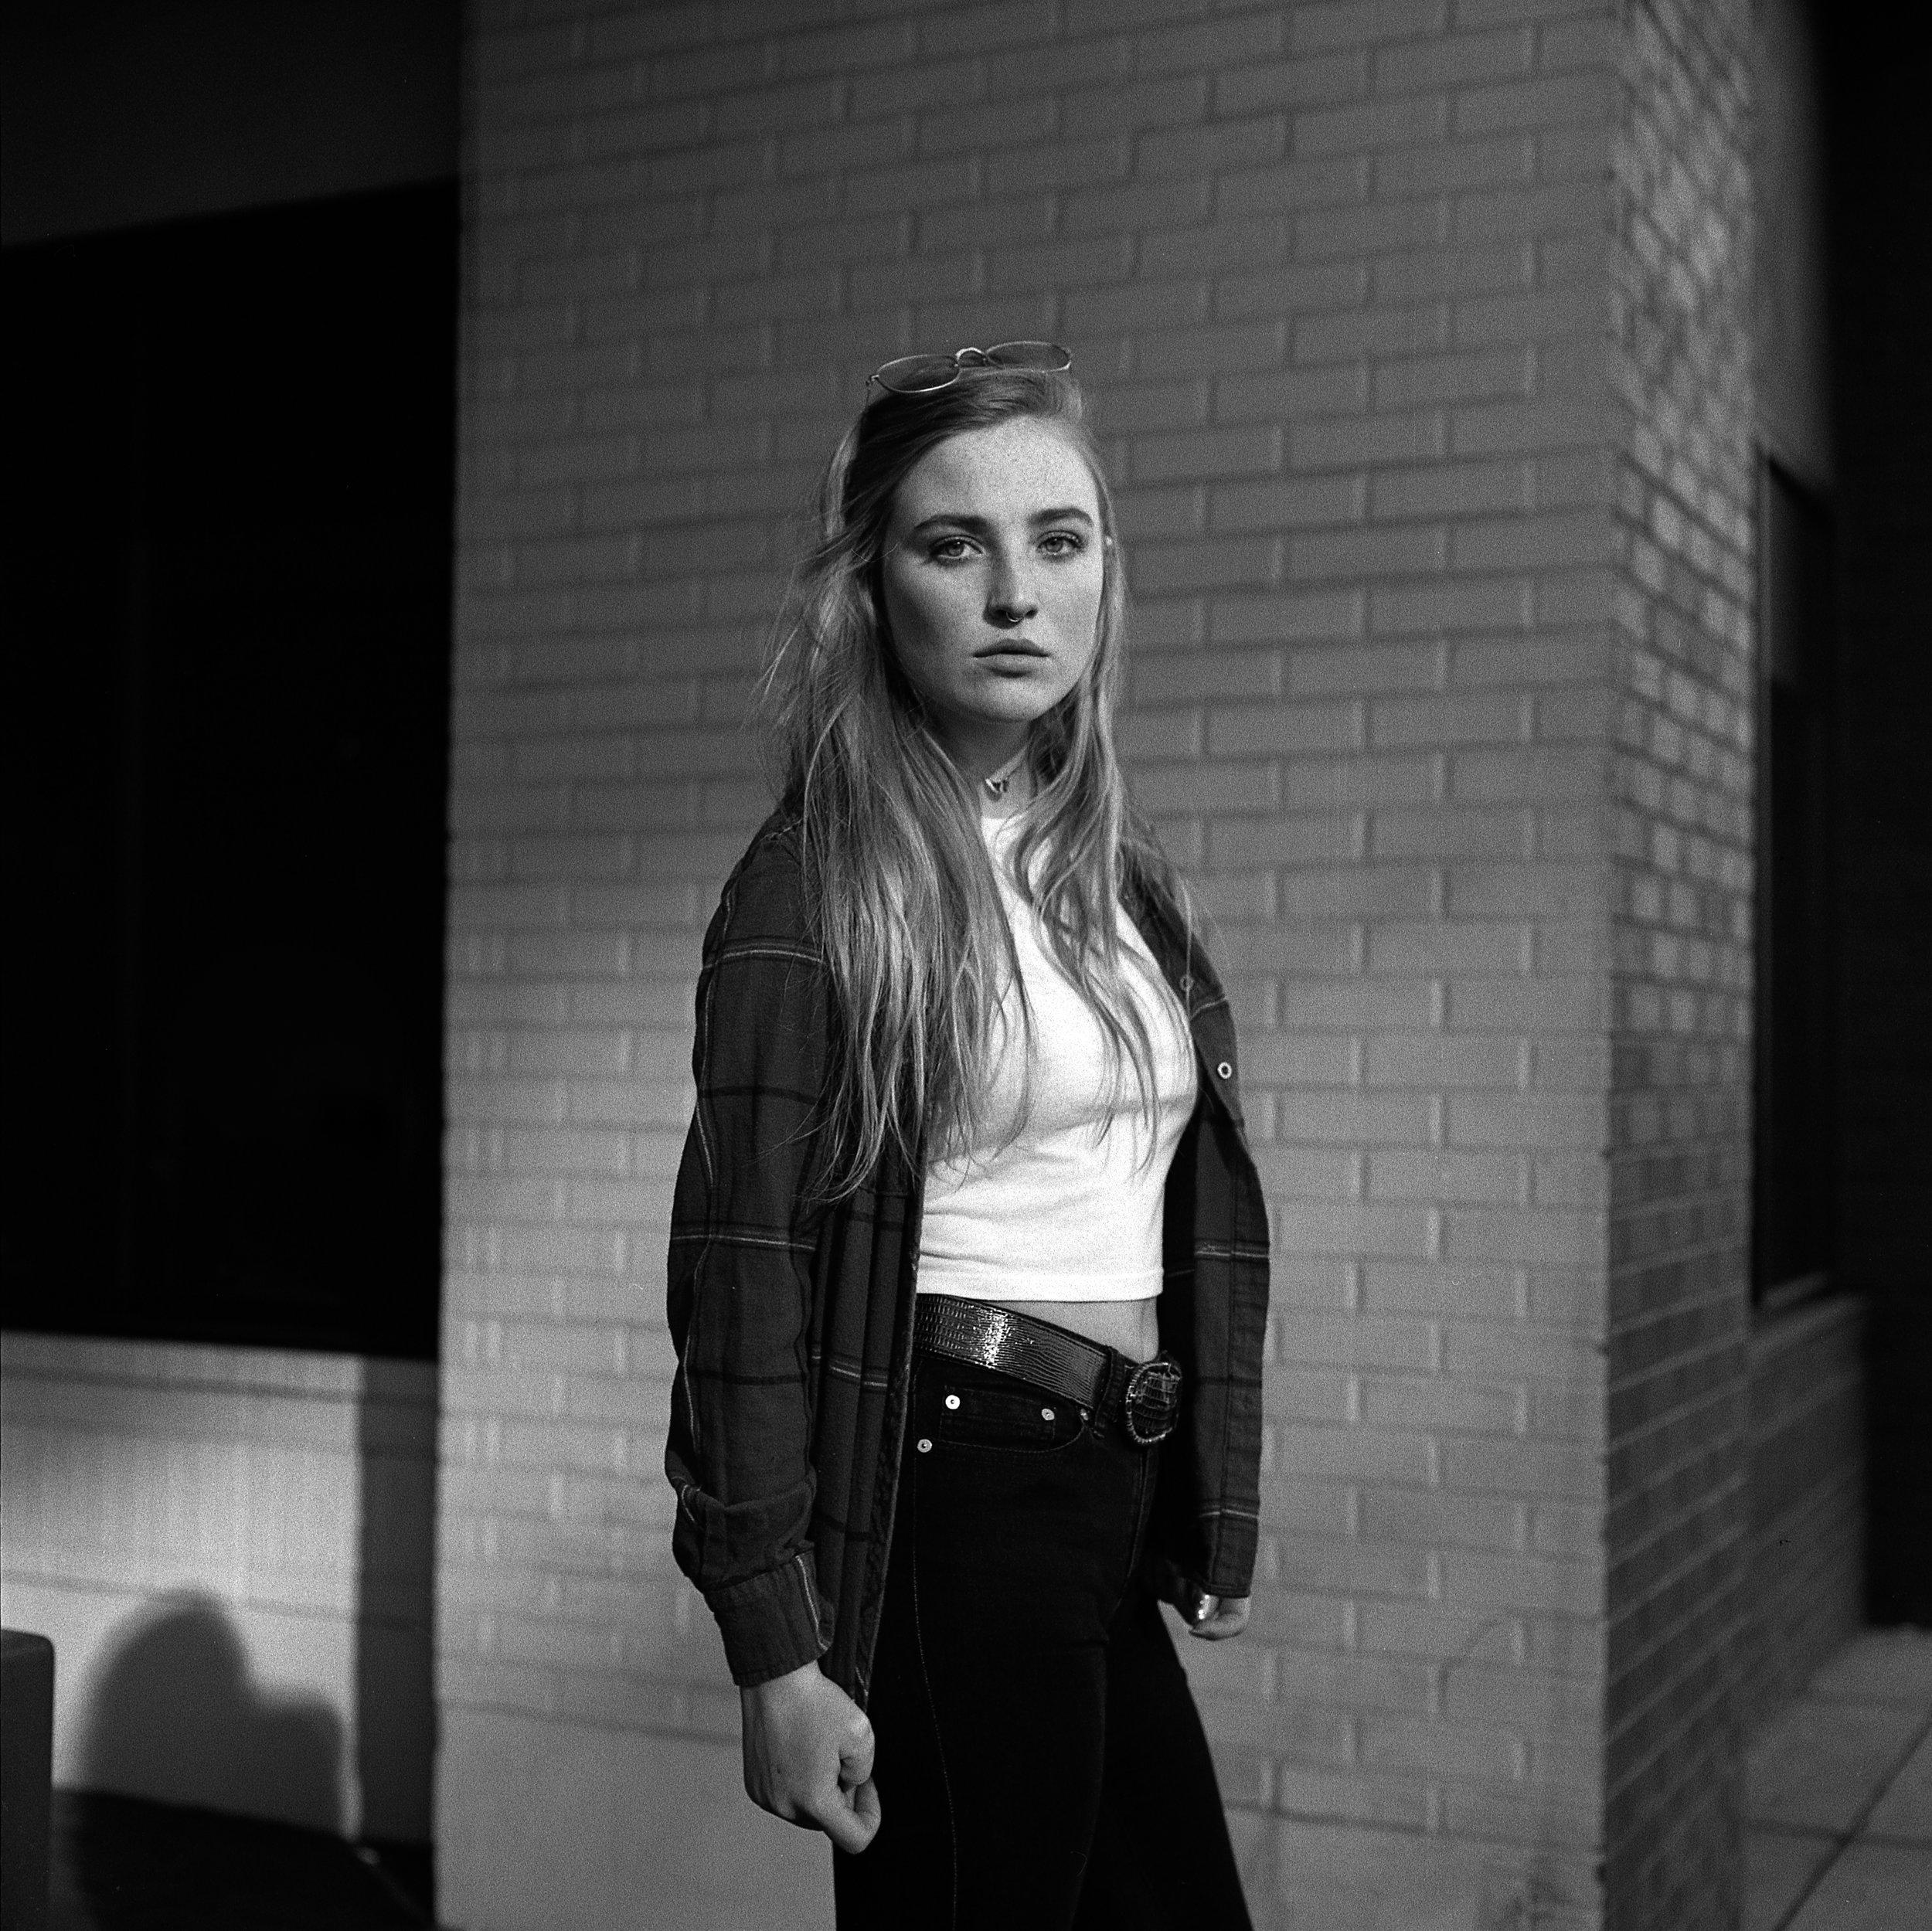 Hannah_Rolleiflex-2.jpg